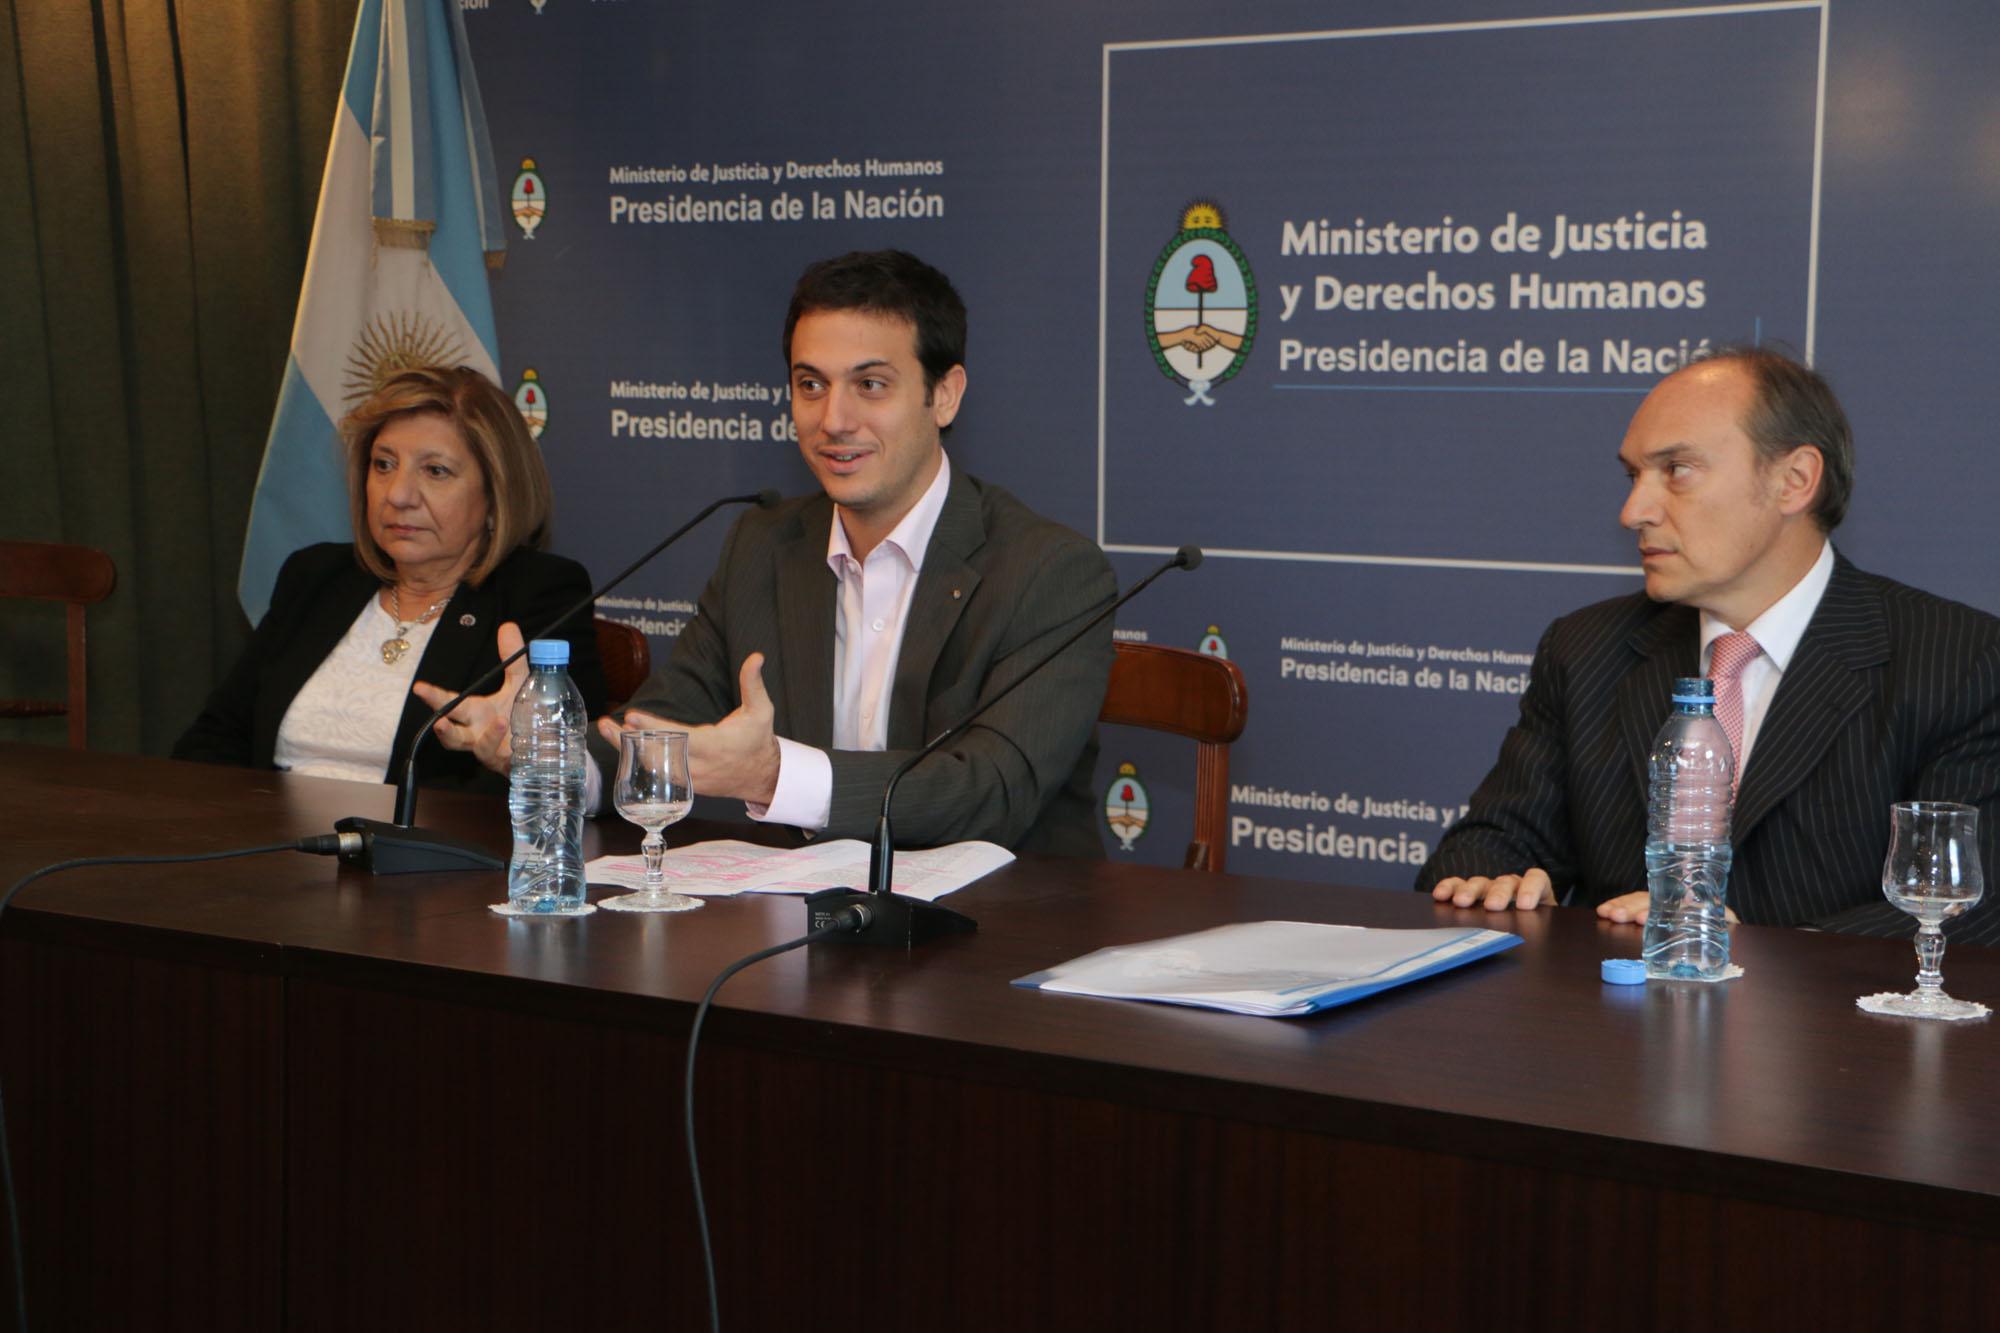 El Ministerio de Justicia encabezó una capacitación para funcionarios judiciales